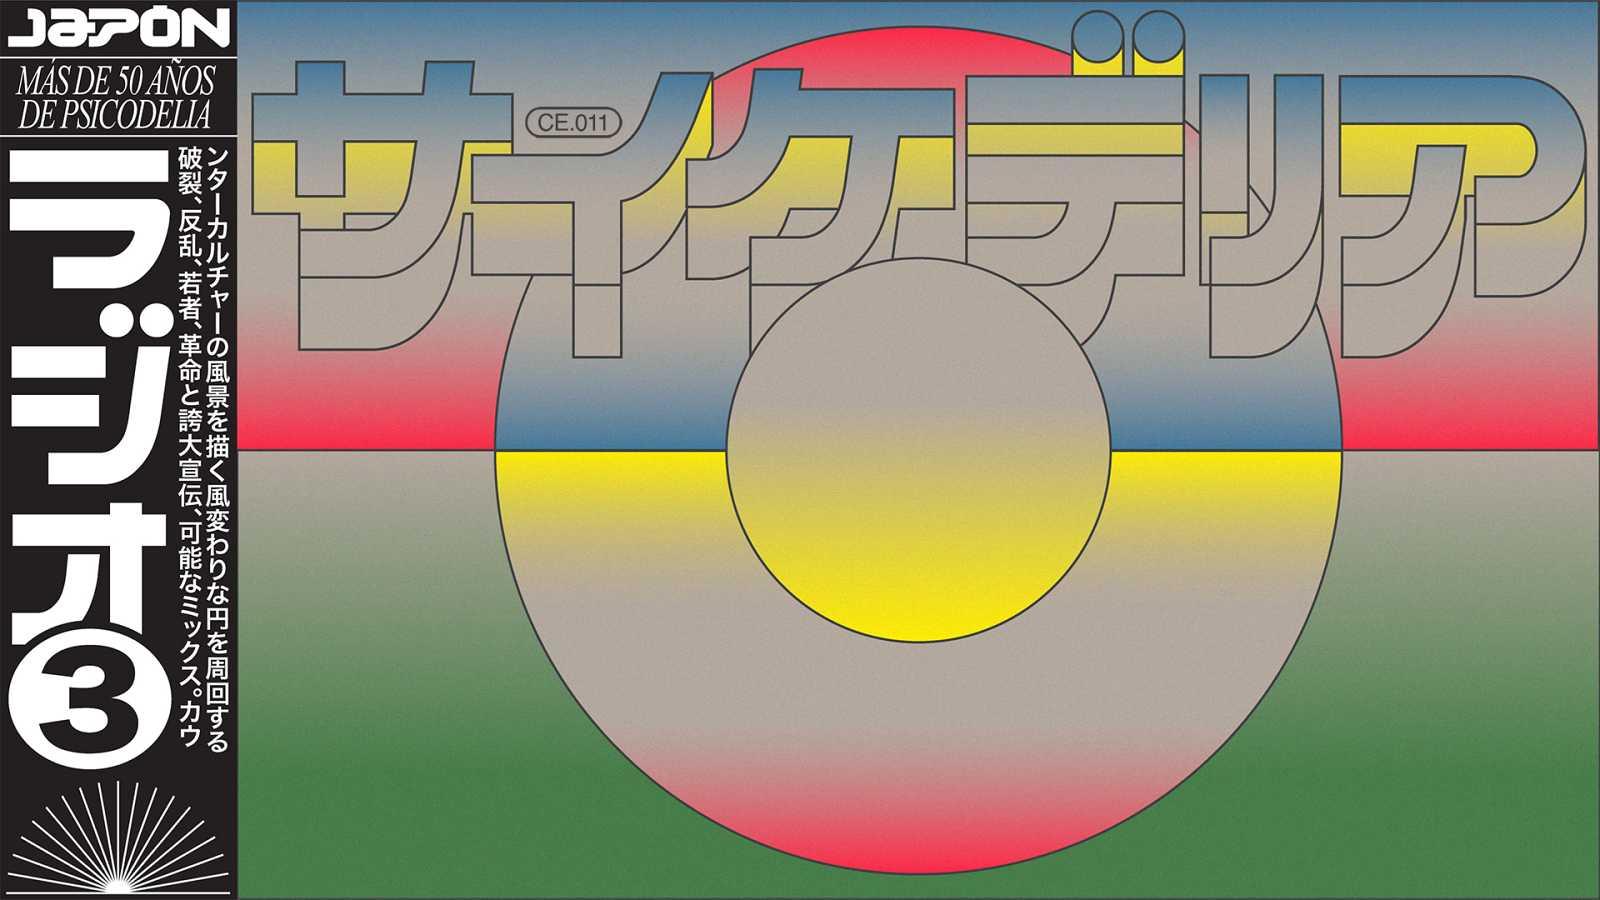 Círculos excéntricos - Japón: Más de 50 años de psicodelia - 24/05/20 - escuchar ahora